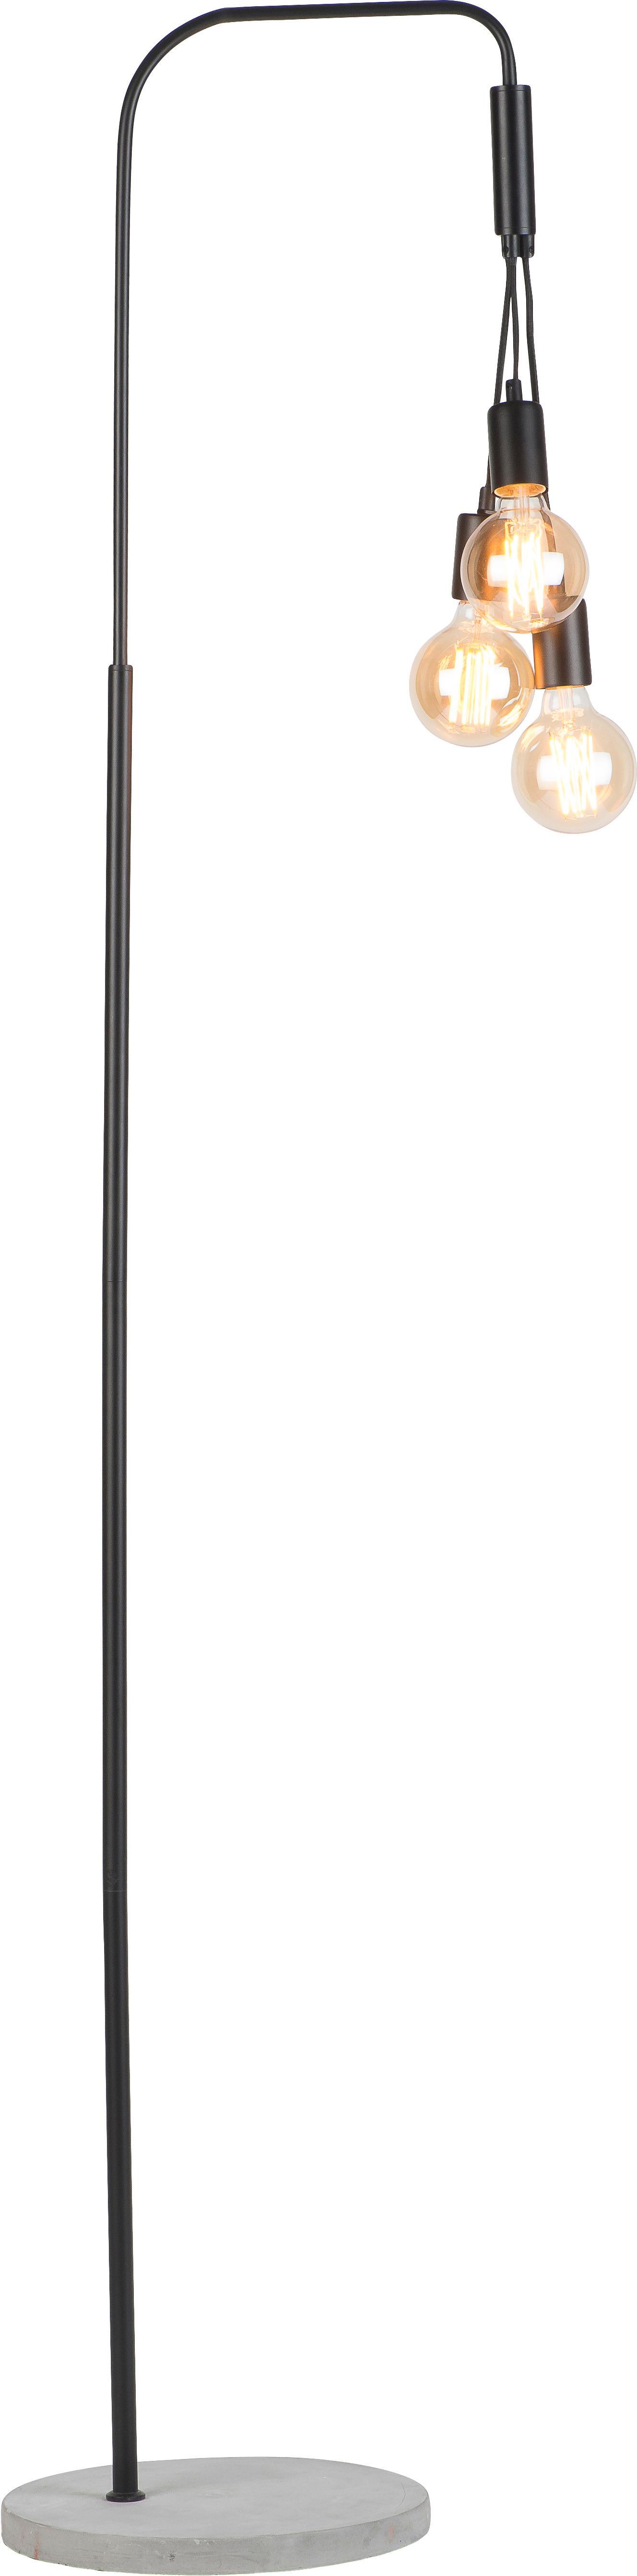 Industriële vloerlamp Oslo met betonnen voet, Lamp: gecoat metaal, Lampvoet: beton, Zwart, 48 x 190 cm